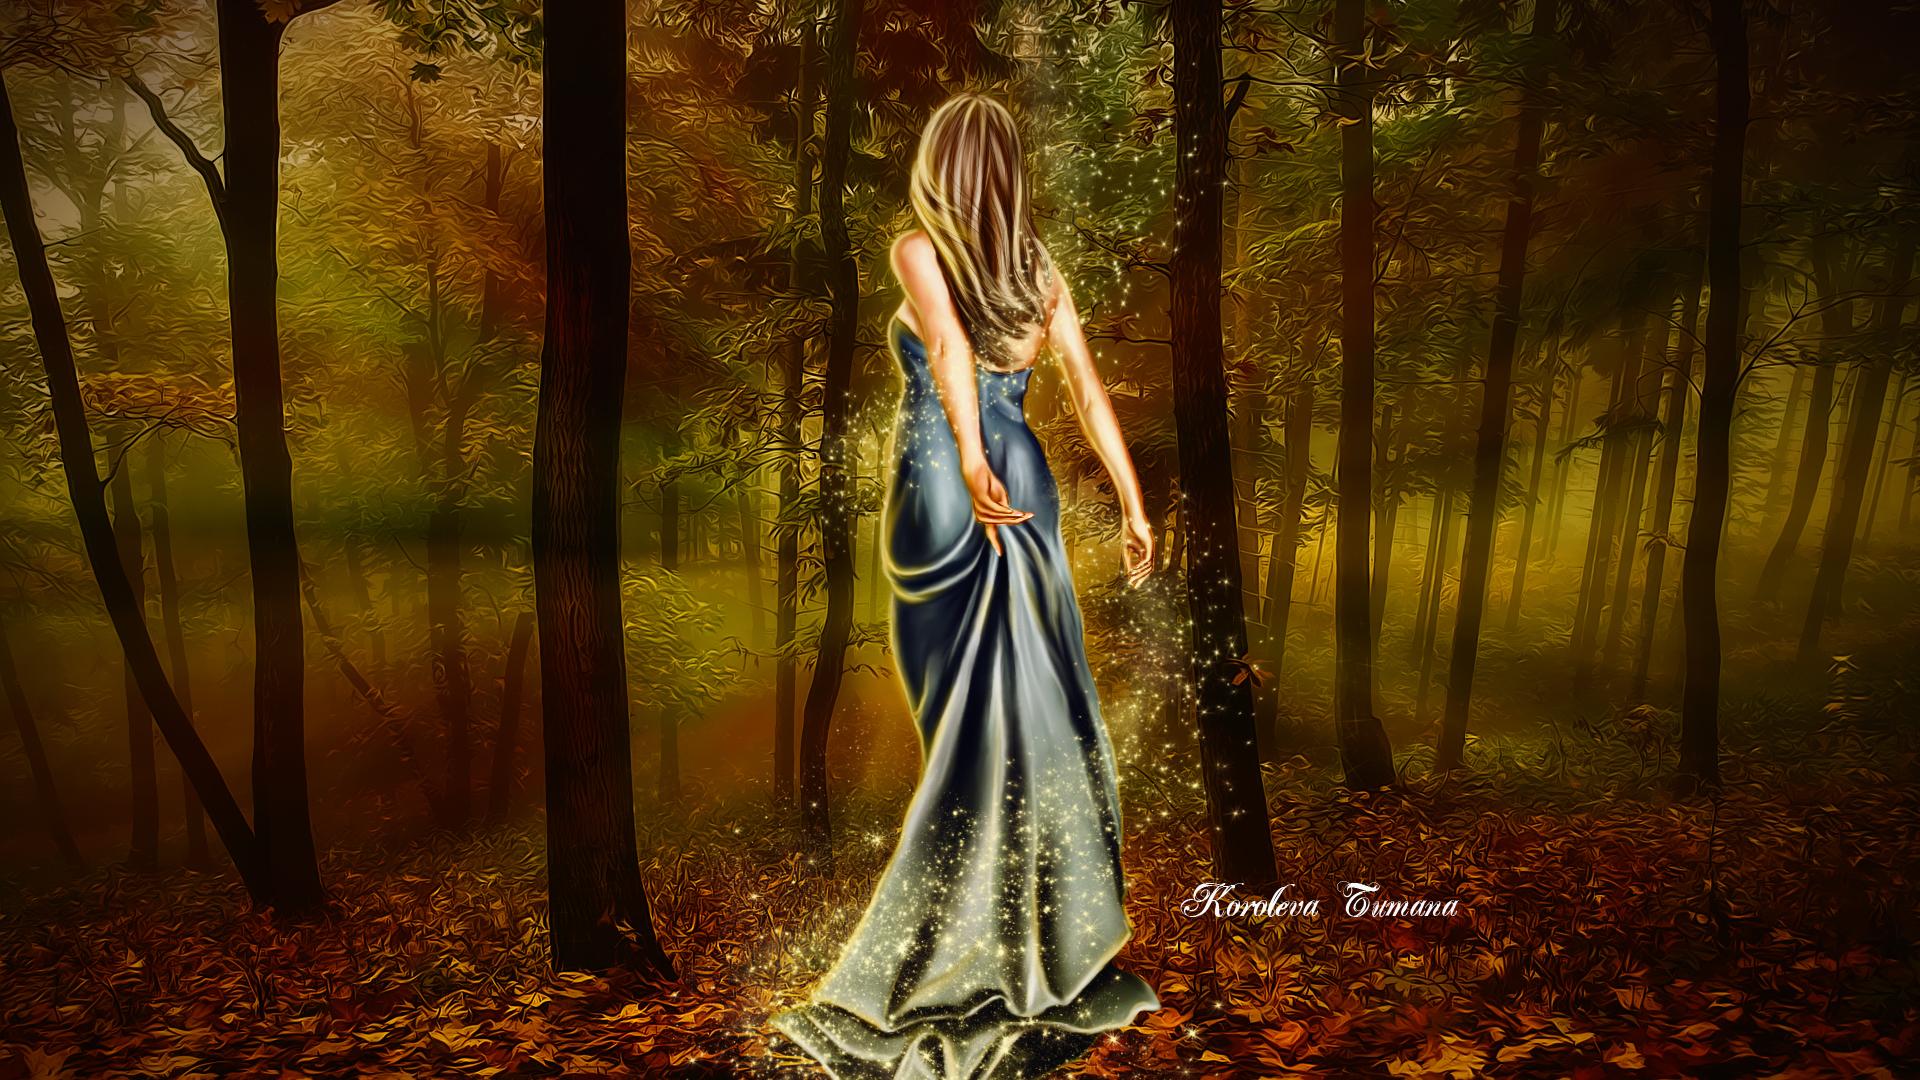 Fantastic Wallpaper Forest Girl - 2fc2eed7fa2a8e61da52bdef3e0cc65f  Gallery_248540 .jpg